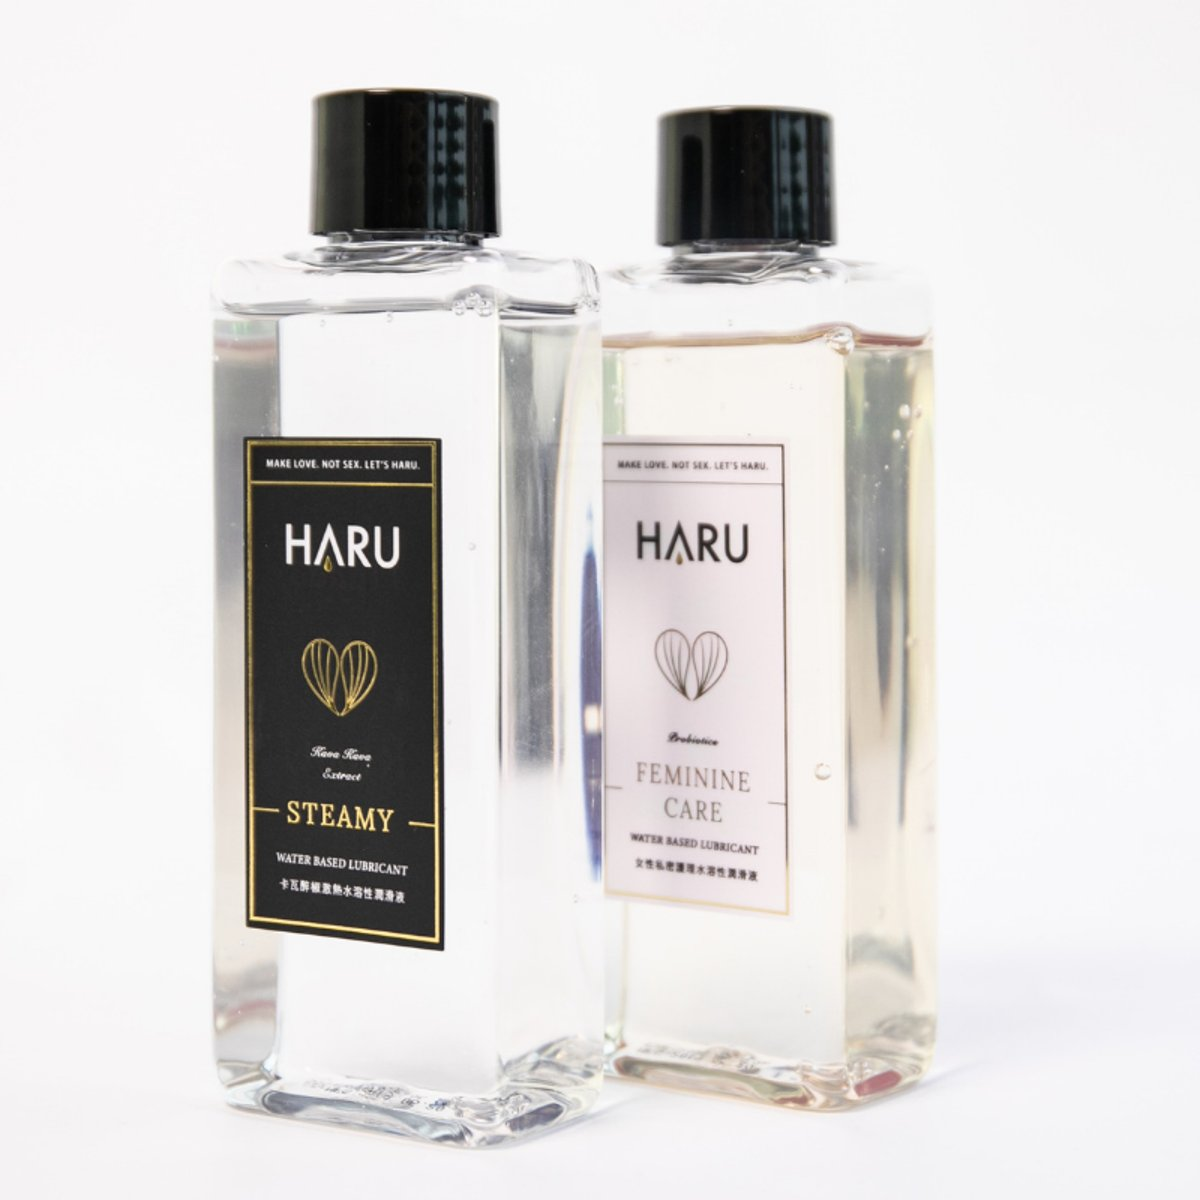 HARU|臉紅紅獨家 情愛雙享組 的圖片